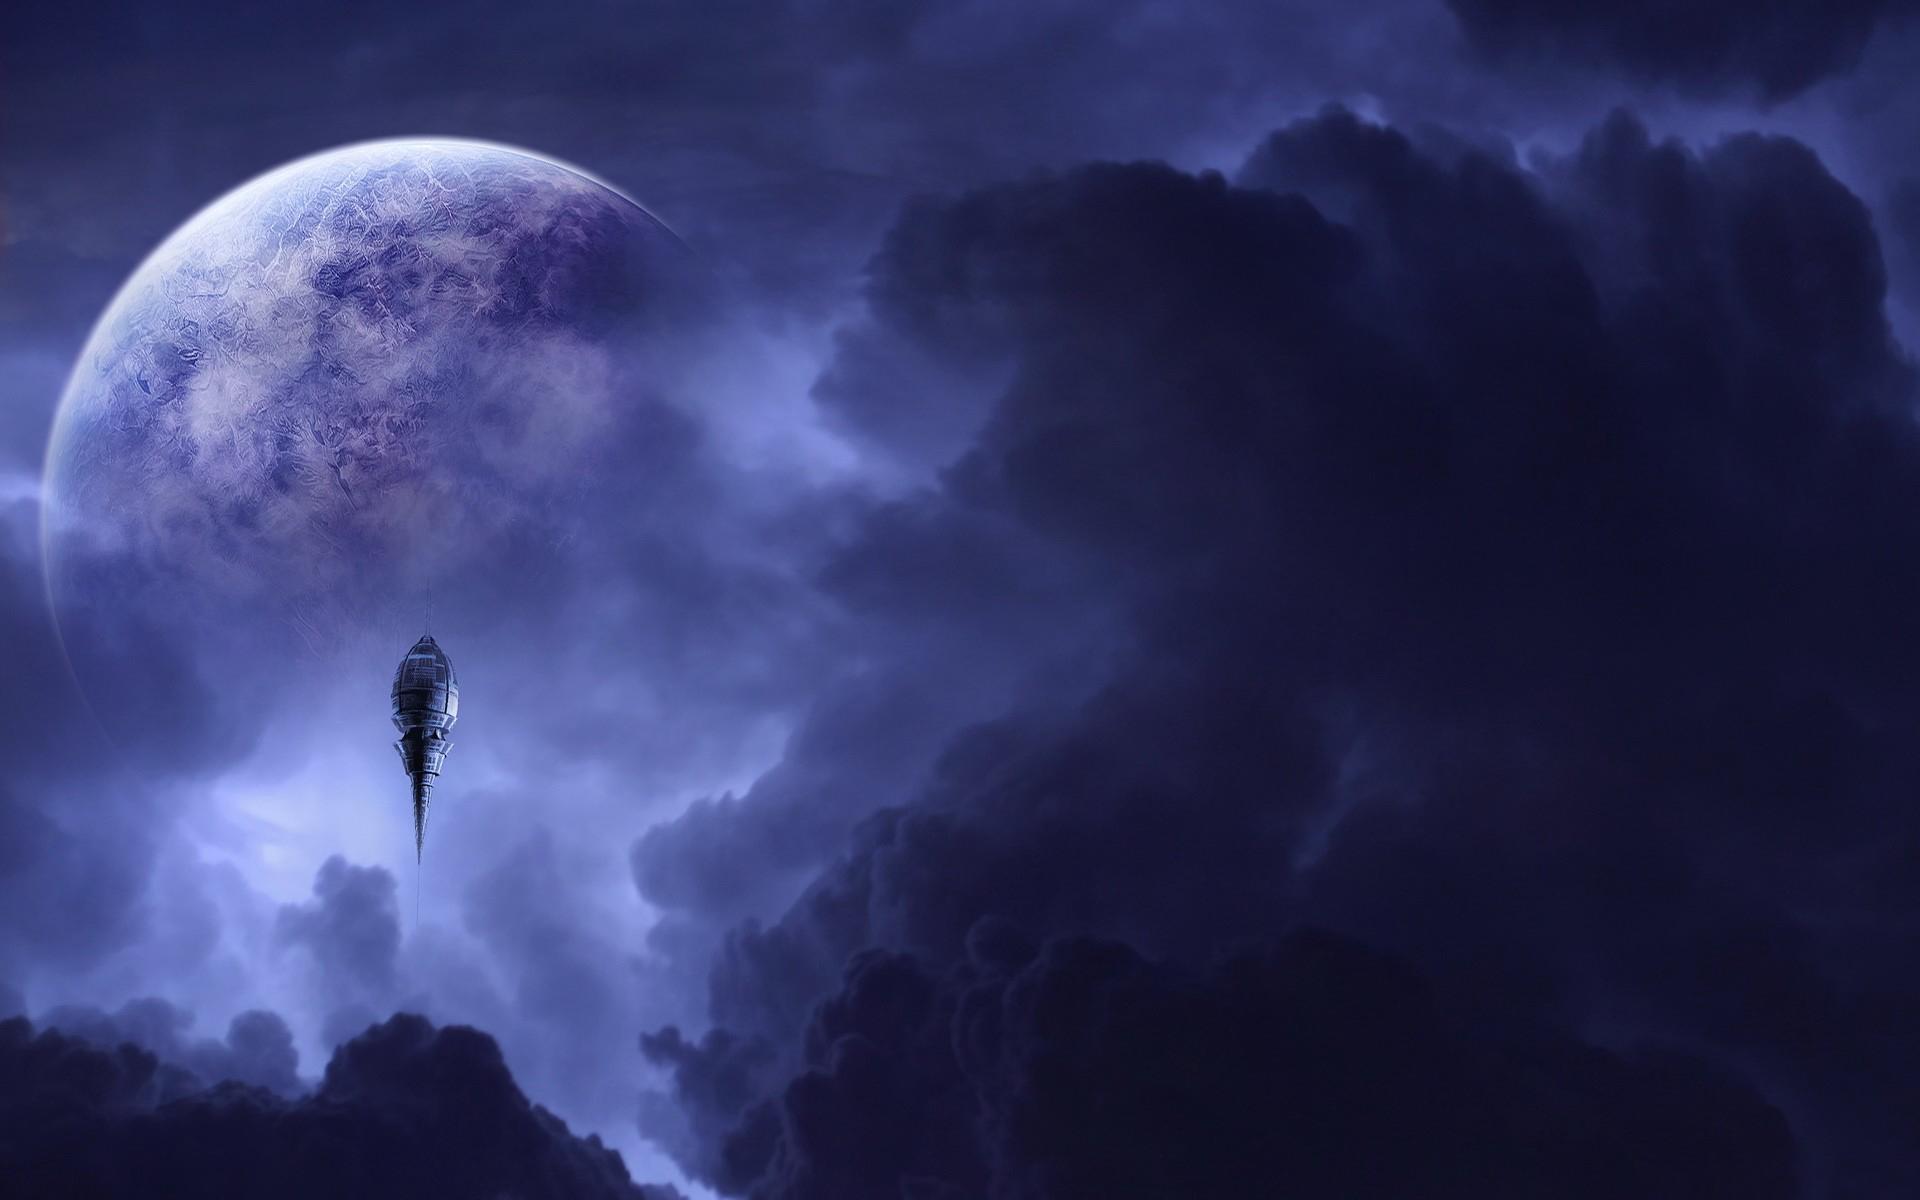 космос мистические картинки хрущевок много